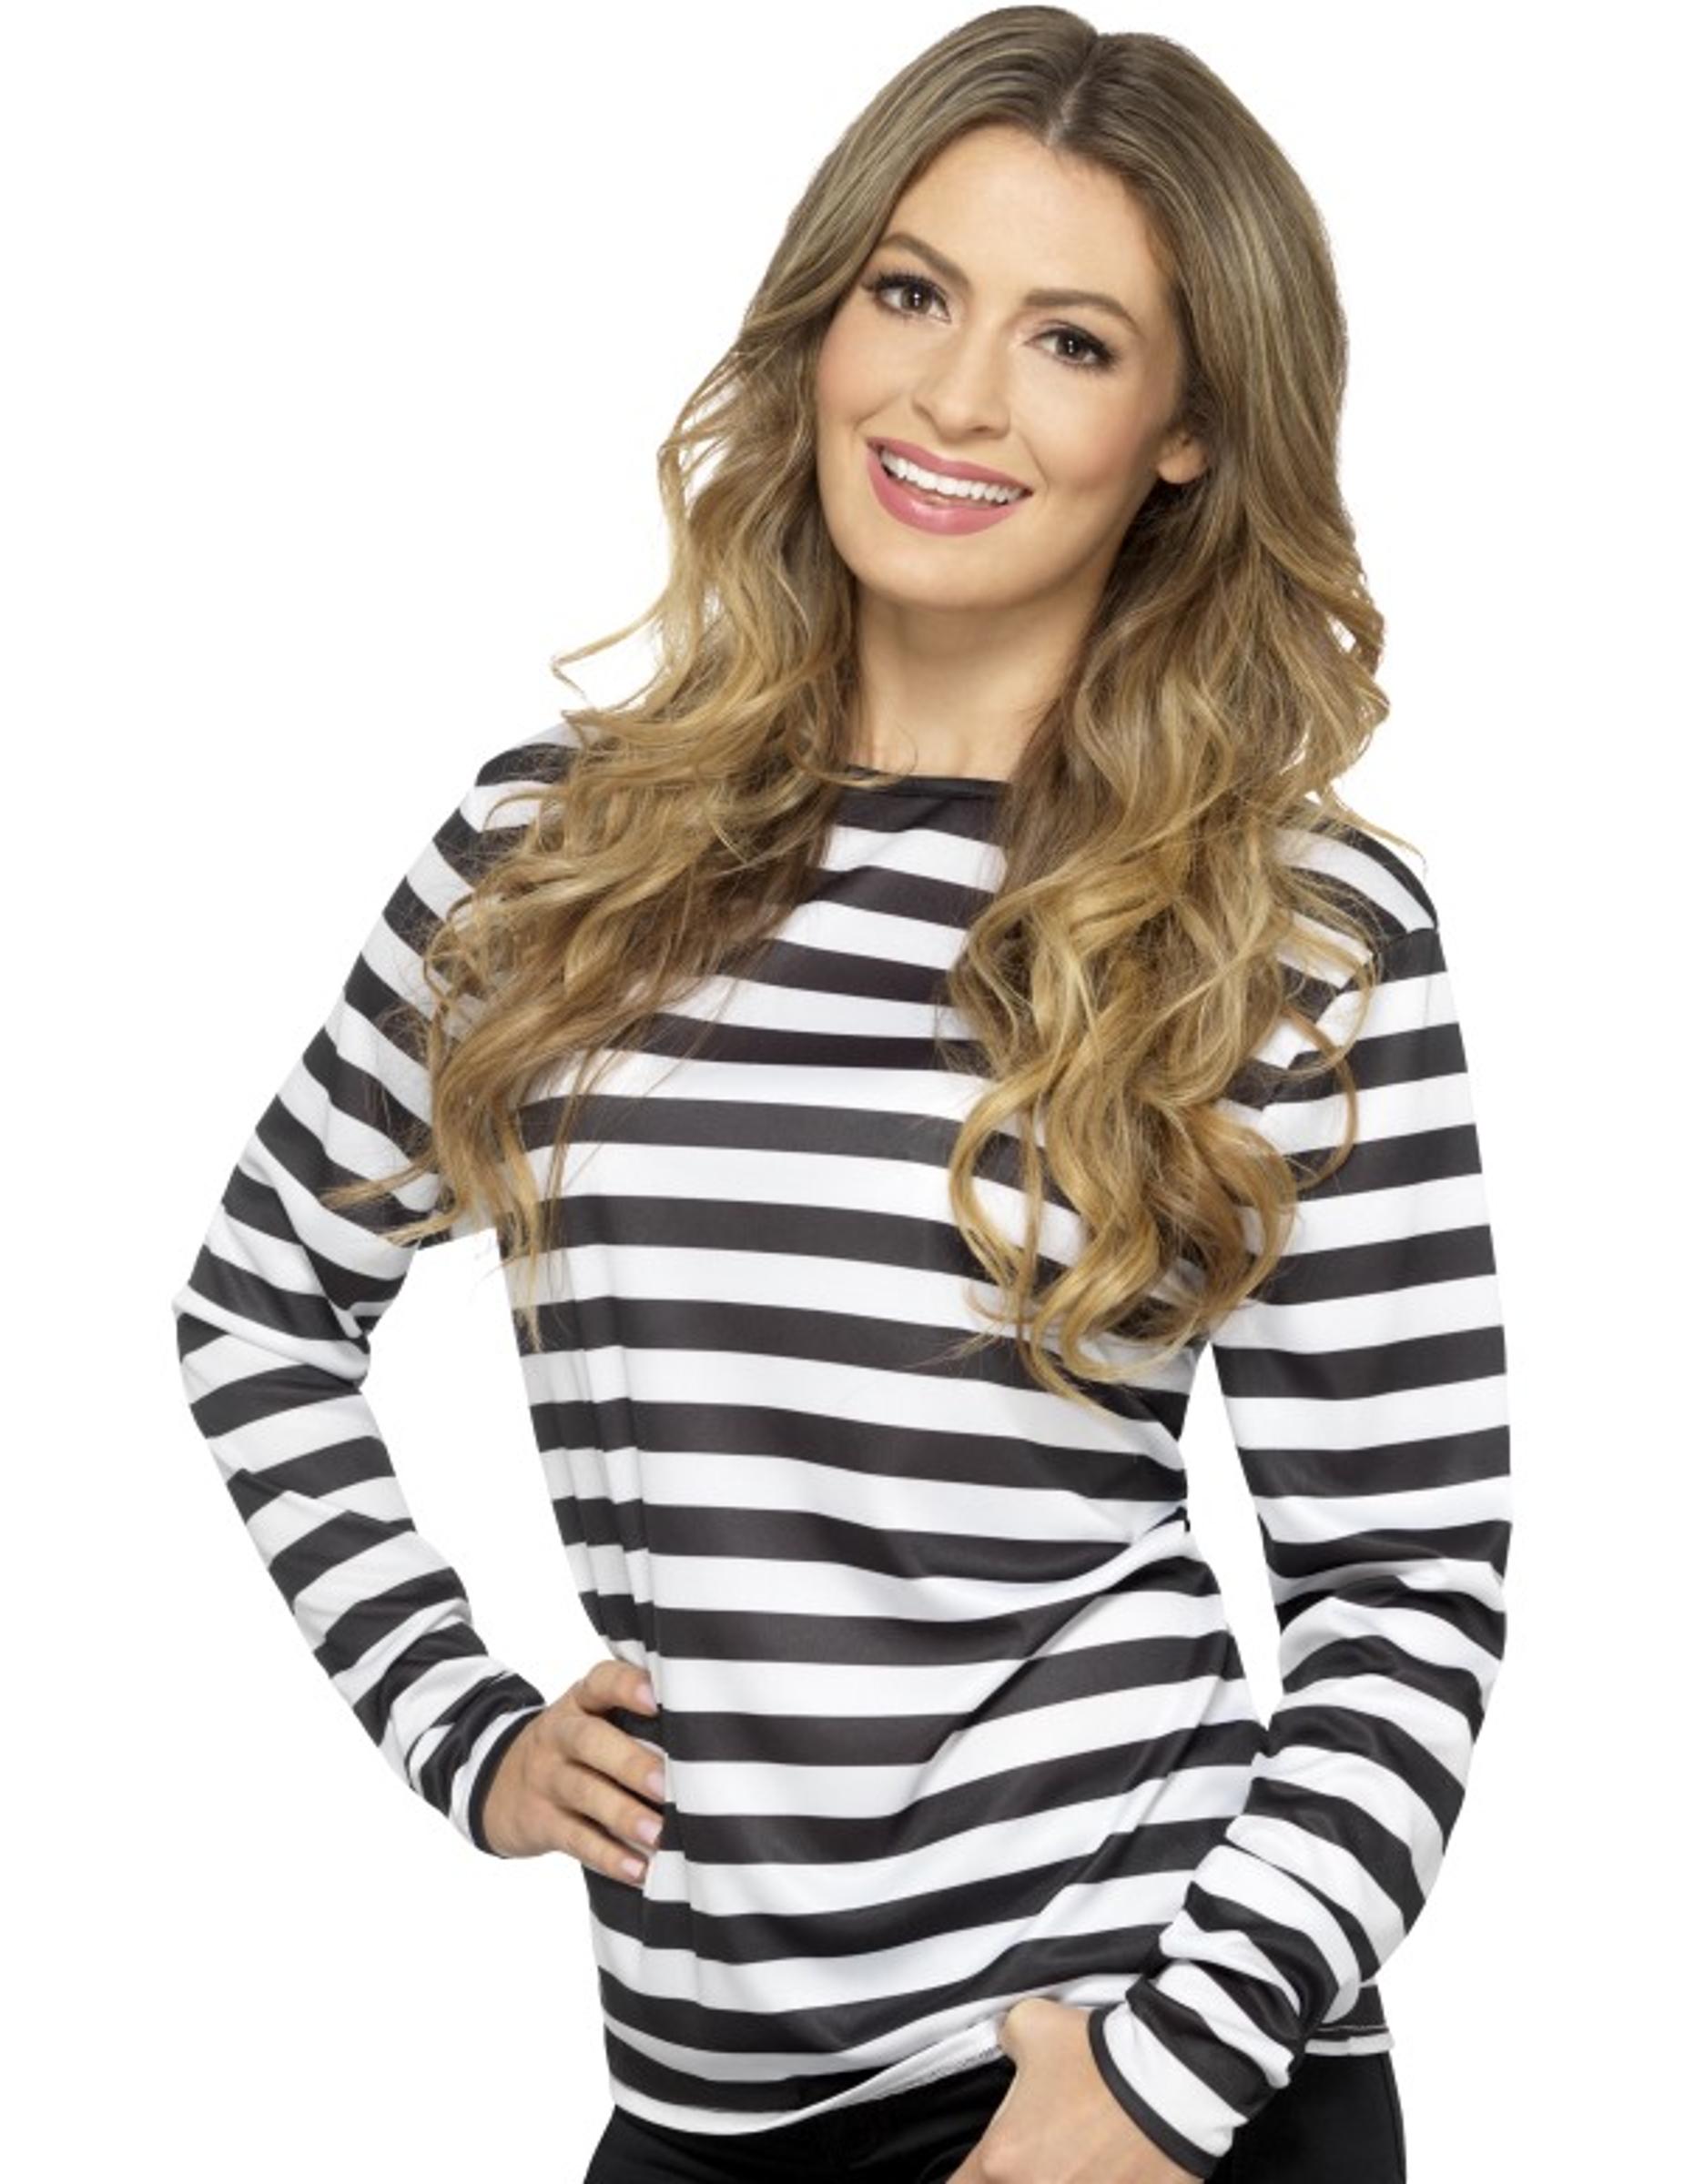 Essere confuso Parziale aspetto  T-shirt a righe bianche e nere per adulto: Costumi adulti,e vestiti di  carnevale online - Vegaoo